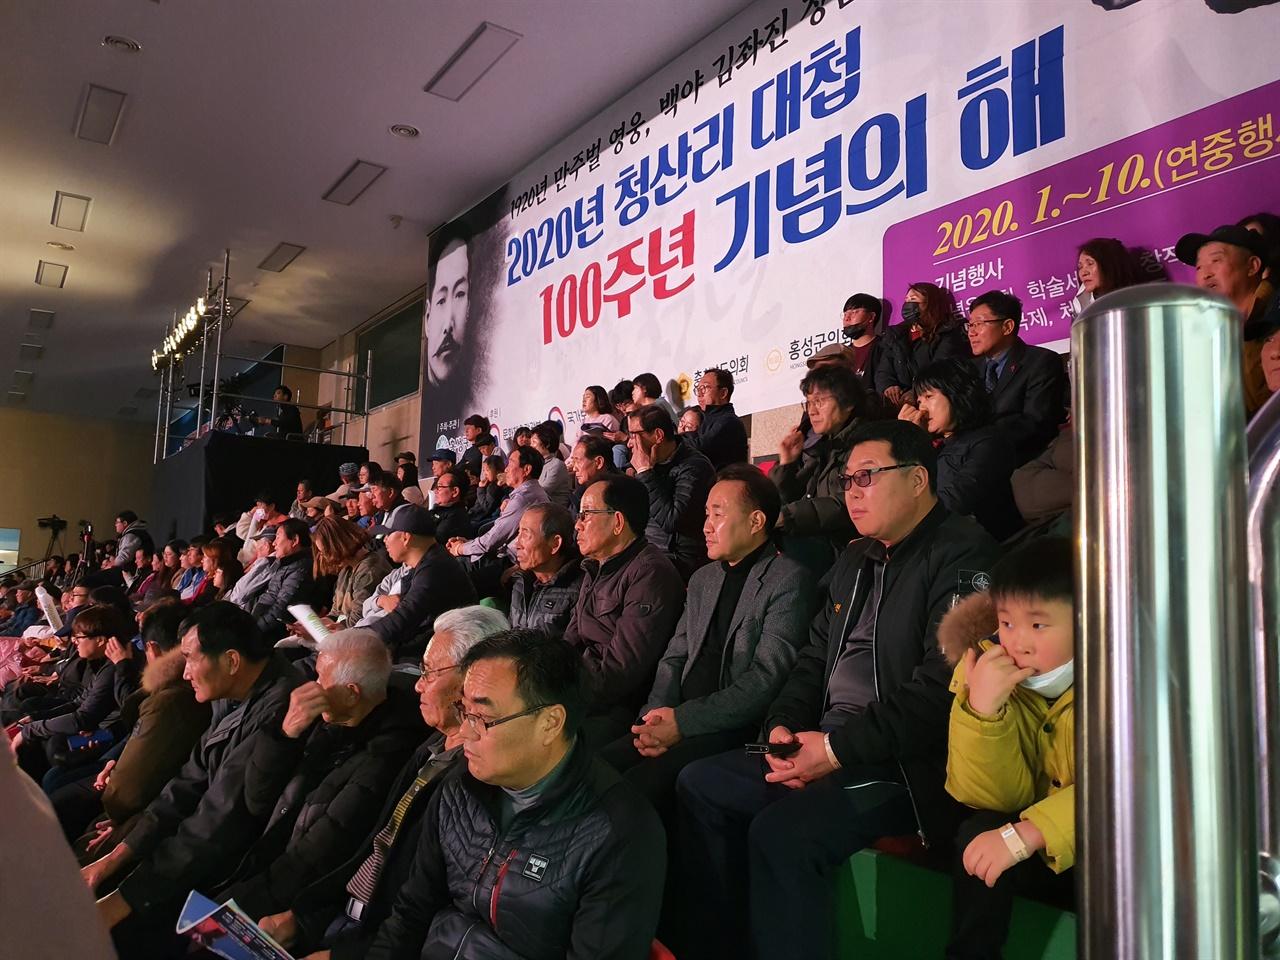 지난 22일부터 홍성에서는 '2020 청산리 댖덥 100주년 기념의 해'를 맞아, '홍성 설날 장사 씨름대회'가 열리고 있다.